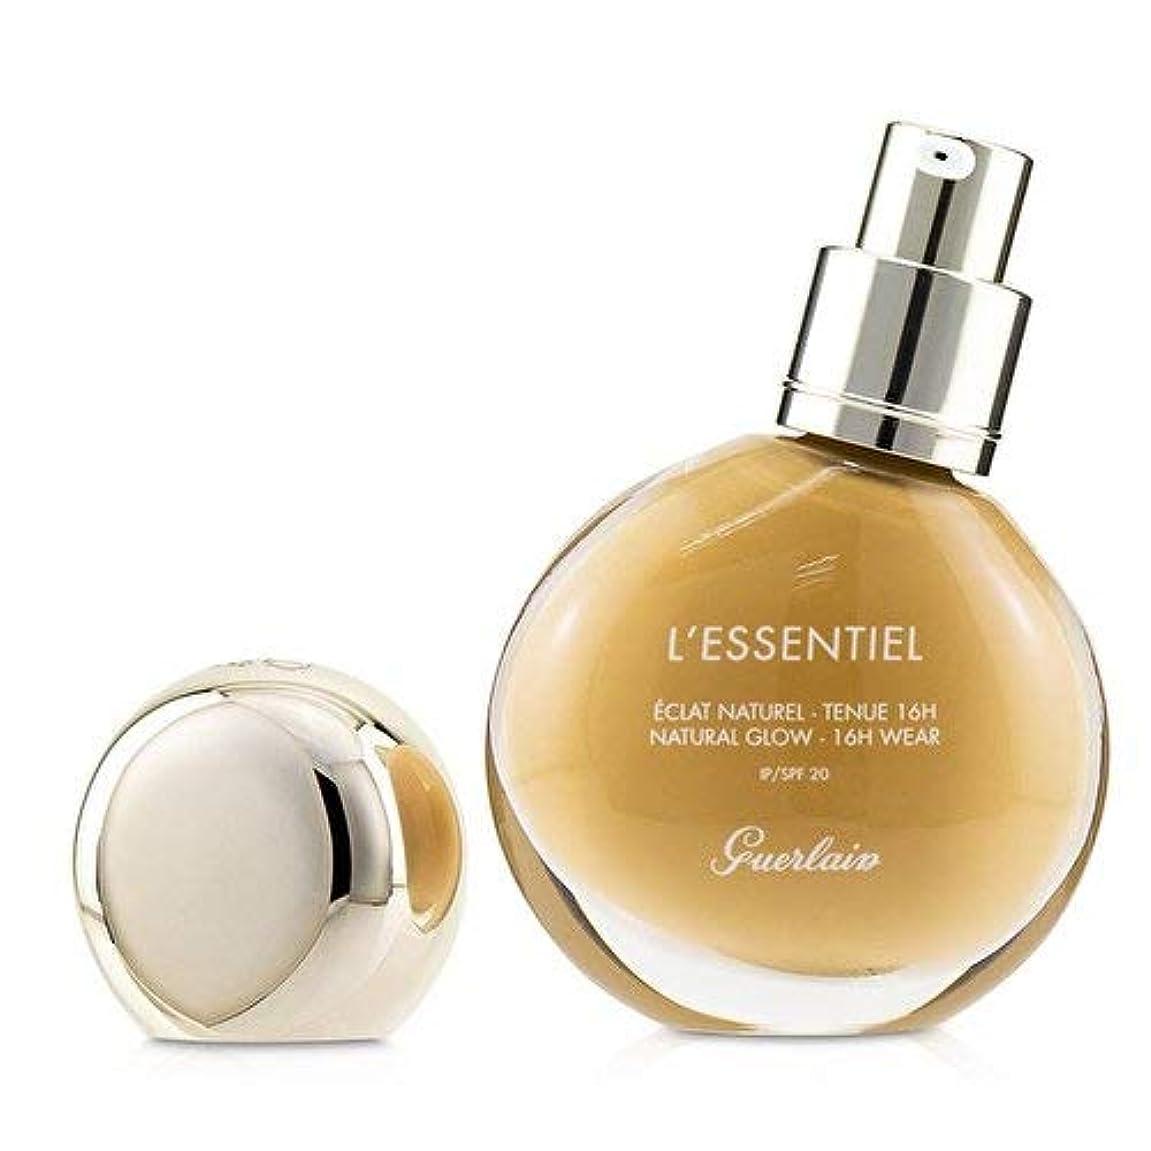 応じる騒ぎ強調ゲラン L'Essentiel Natural Glow Foundation 16H Wear SPF 20 - # 045W Amber Warm 30ml/1oz並行輸入品